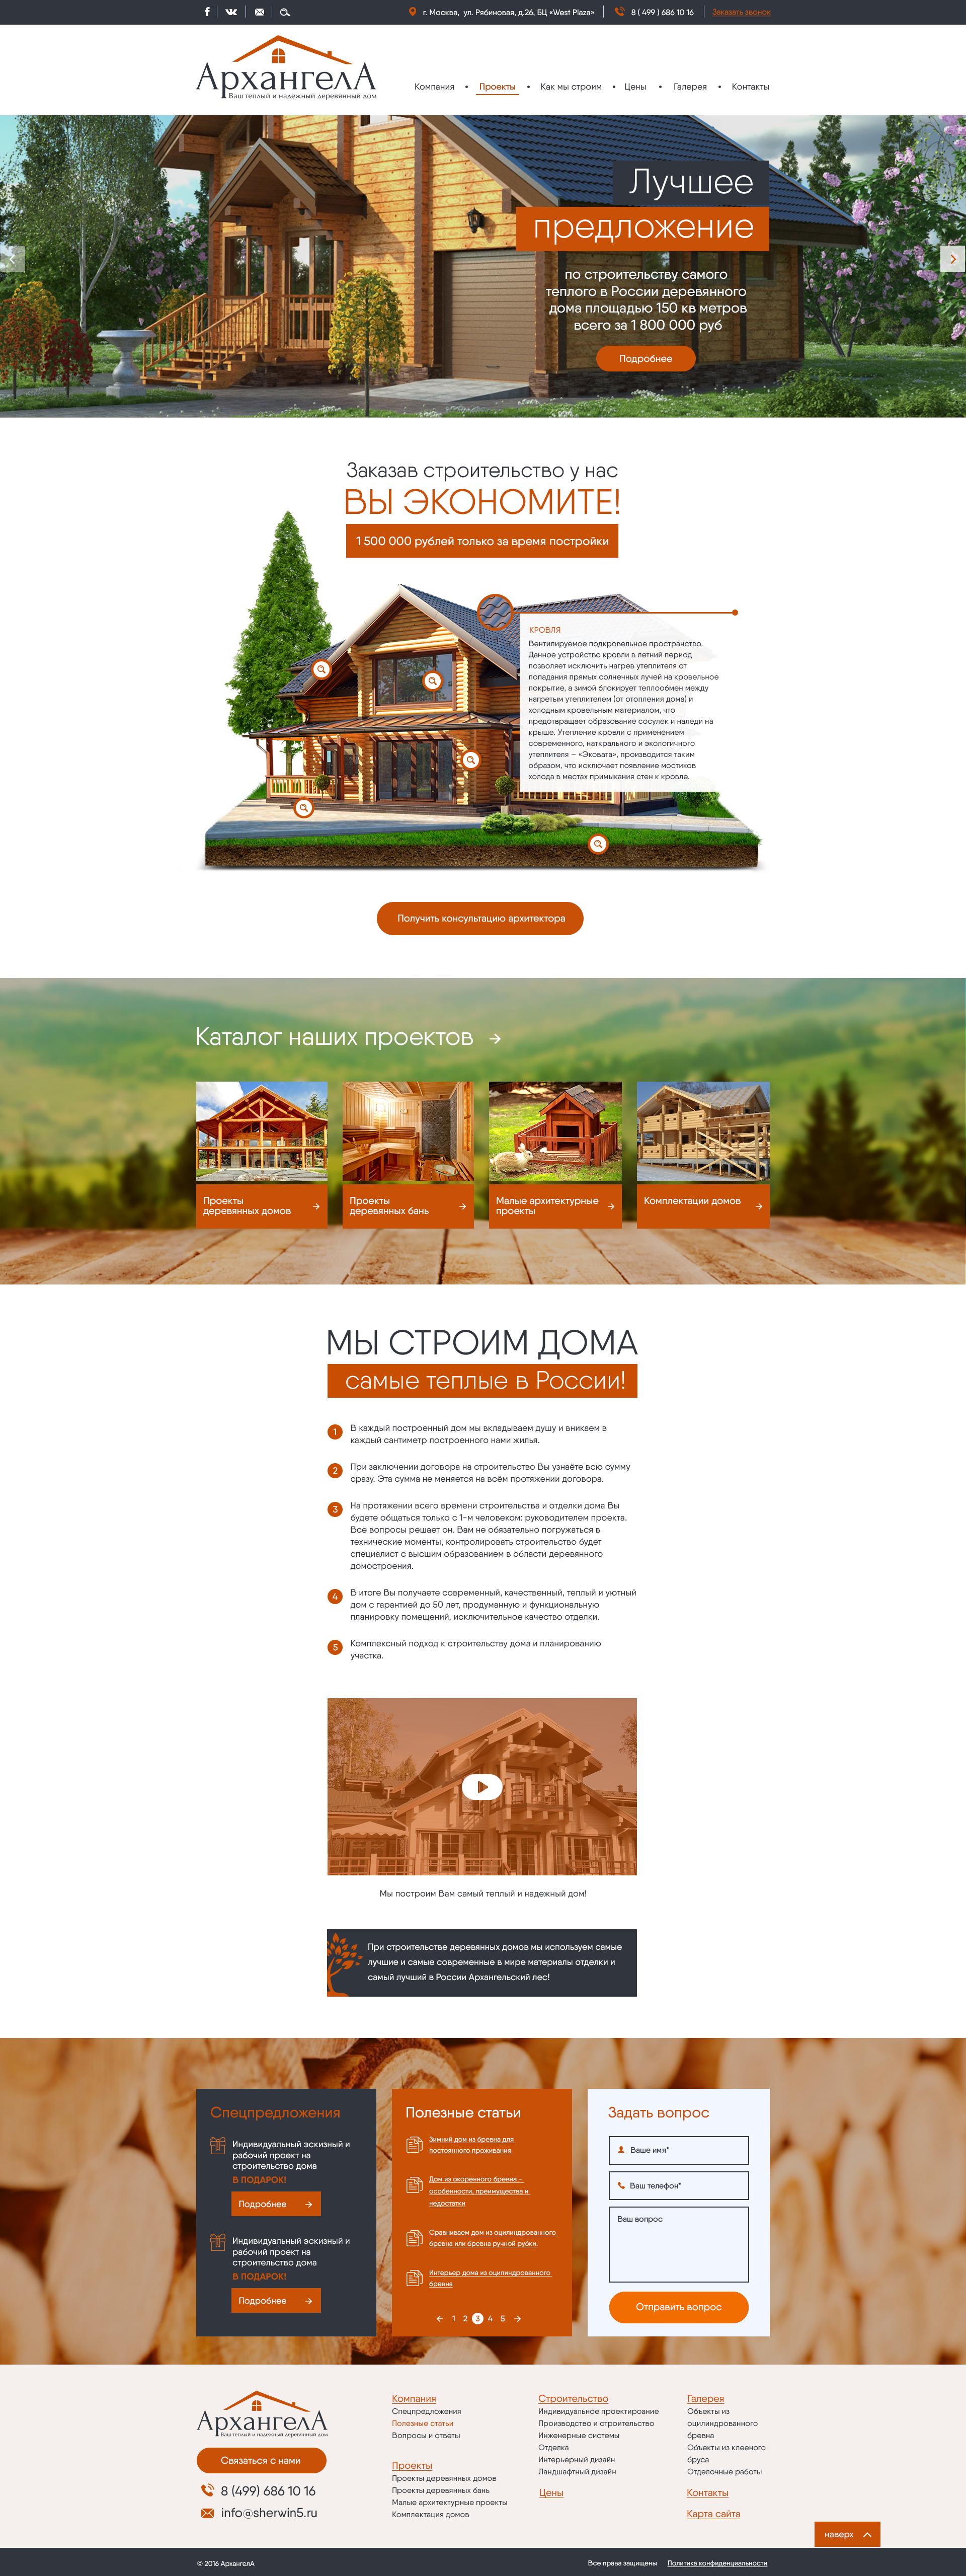 Разработка сайта для фирмы занимающейся строительством деревянных домов